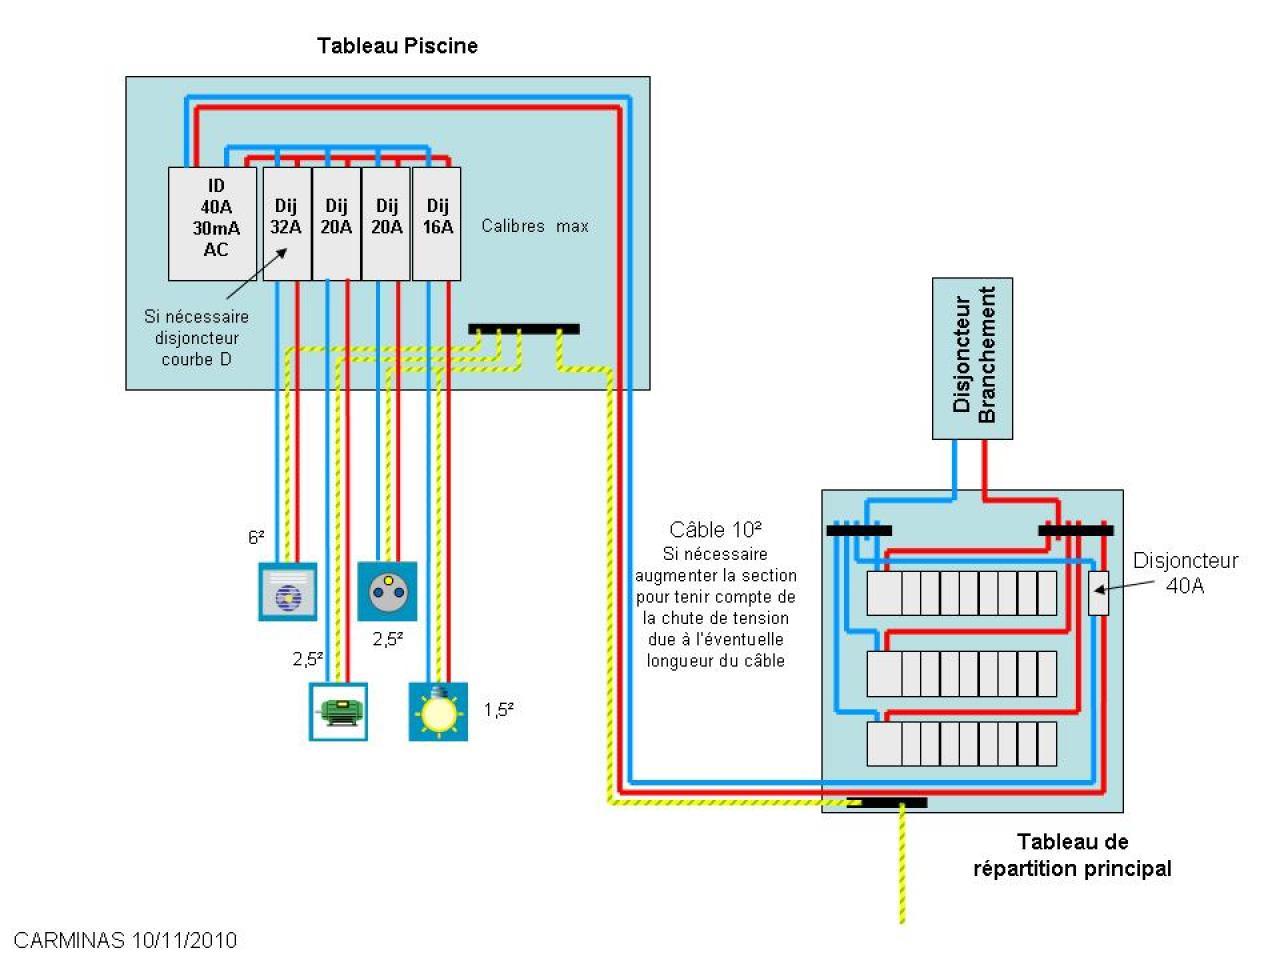 Creation 2 eme tableau 50 m besoin d 39 aide technique for Alimentation electrique local technique piscine